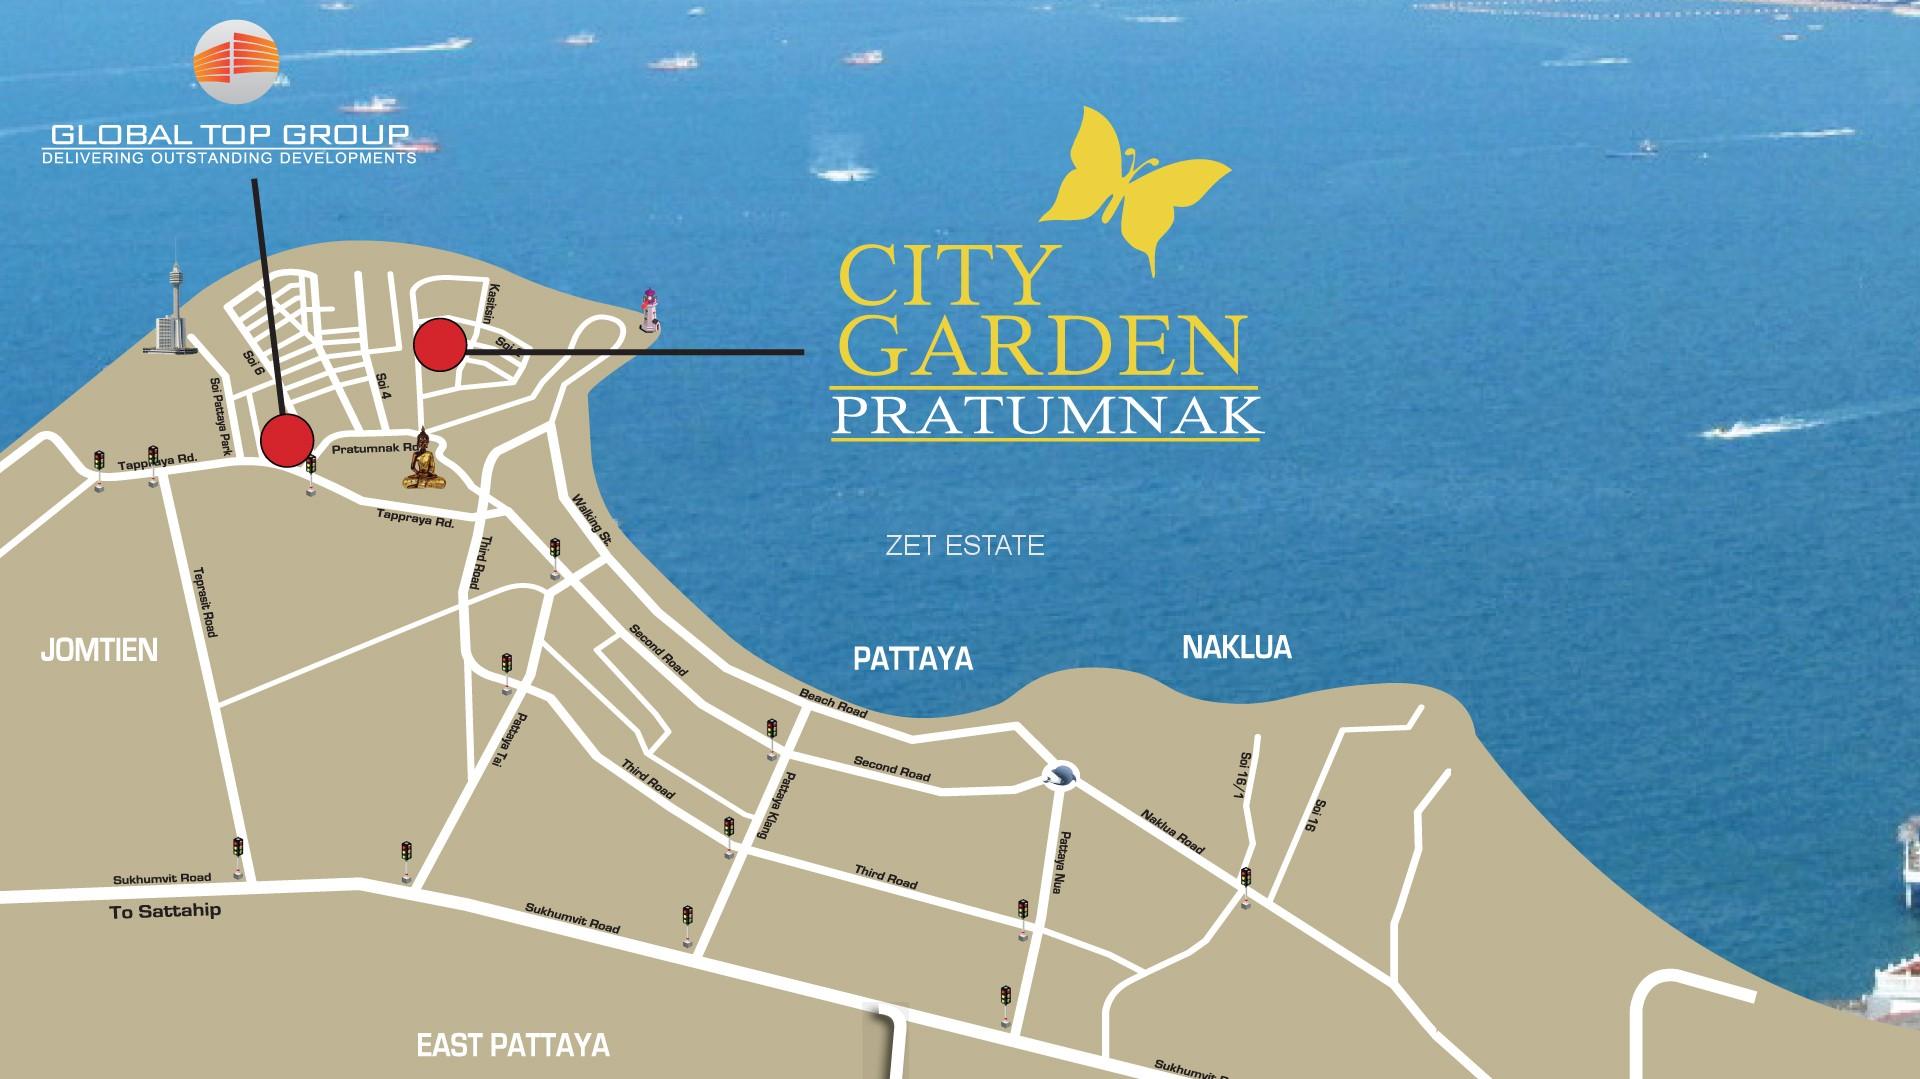 City Garden Pratumnak Zet Estate